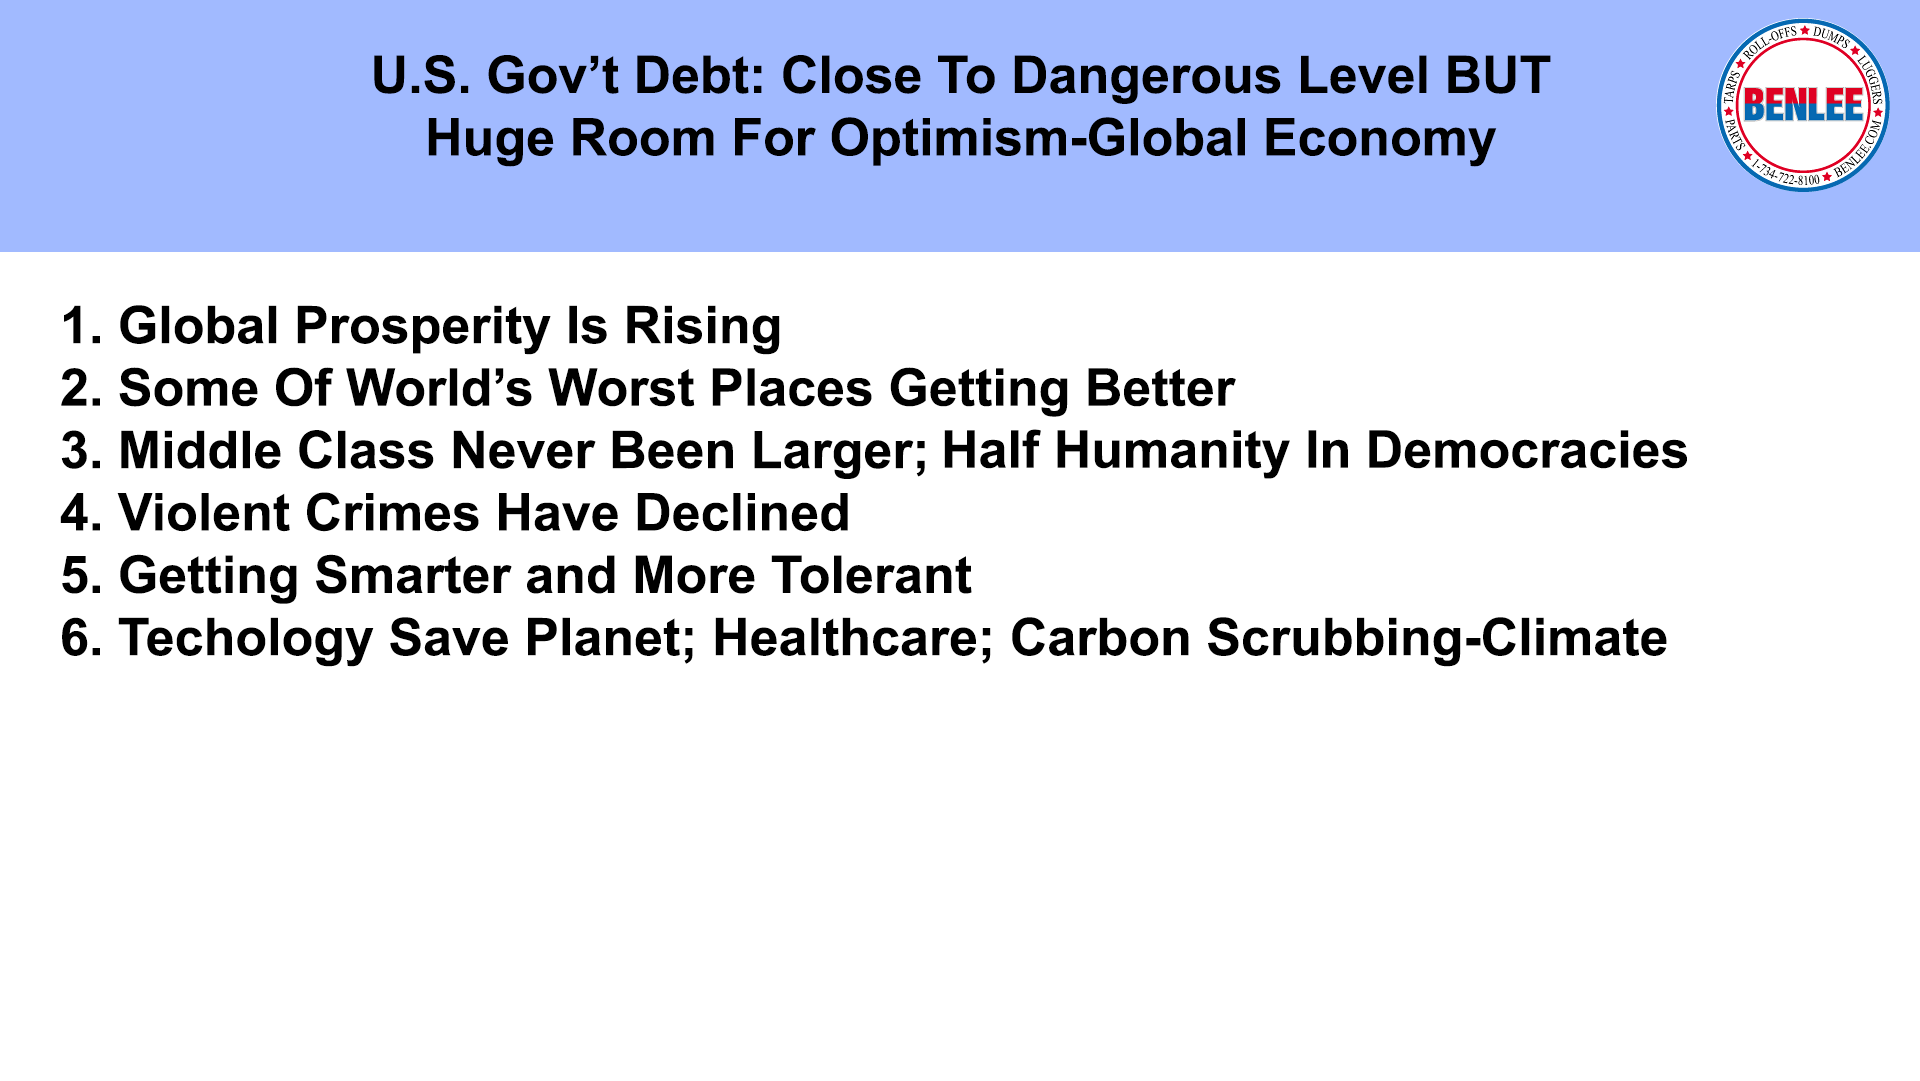 US Govt Debt